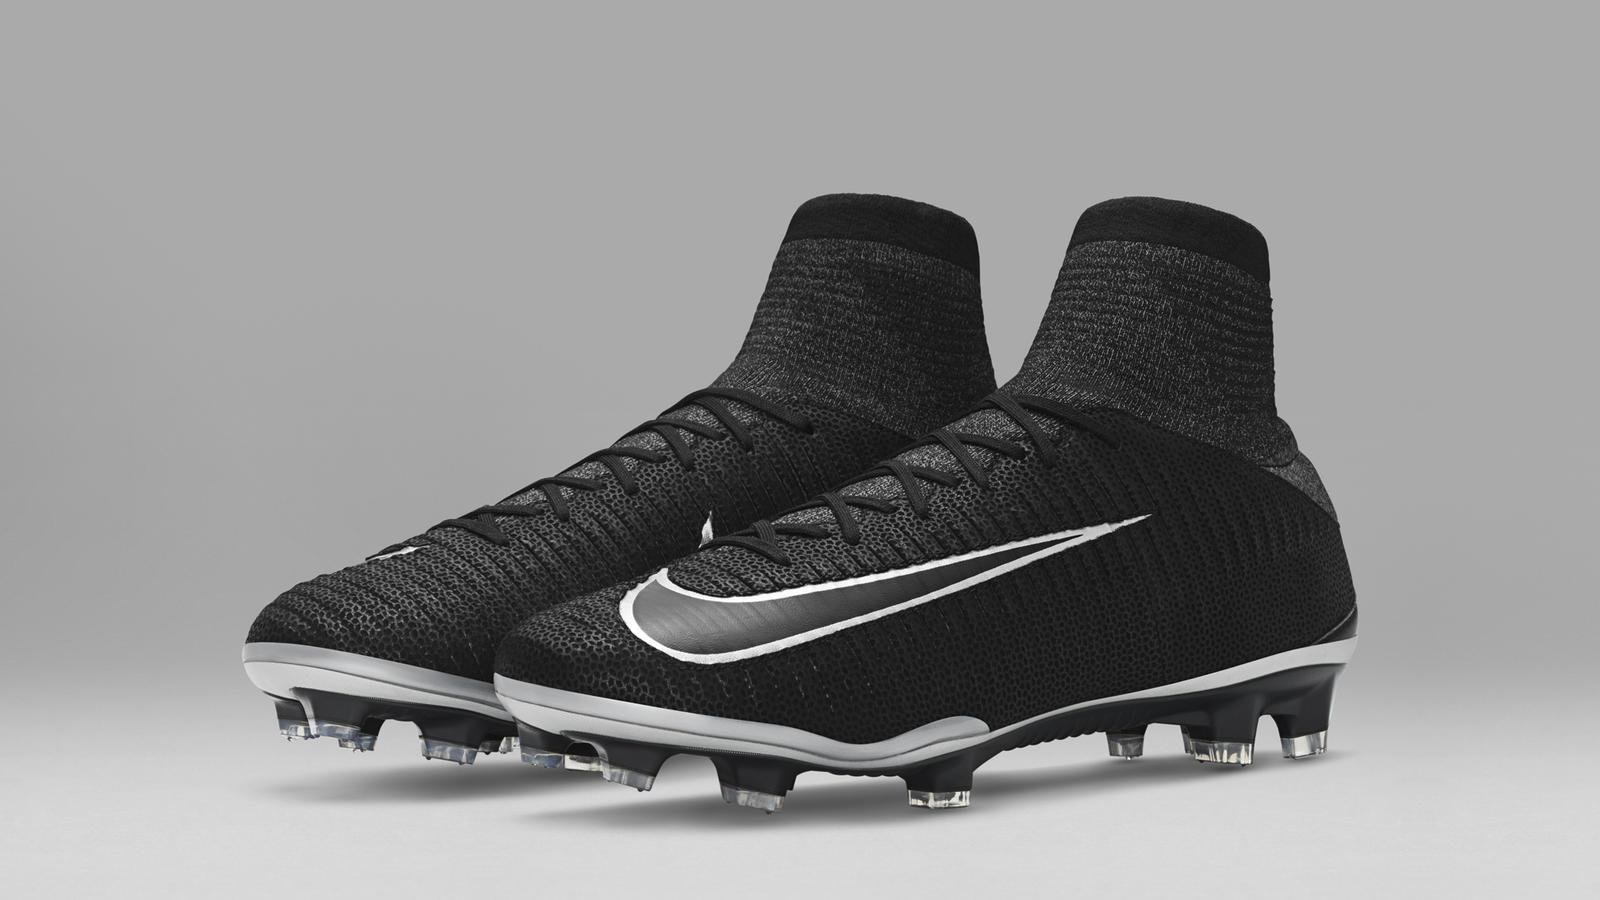 27f298e5185dc Nová kožená kolekce Nike Tech Craft 2.0 - Topkopačky